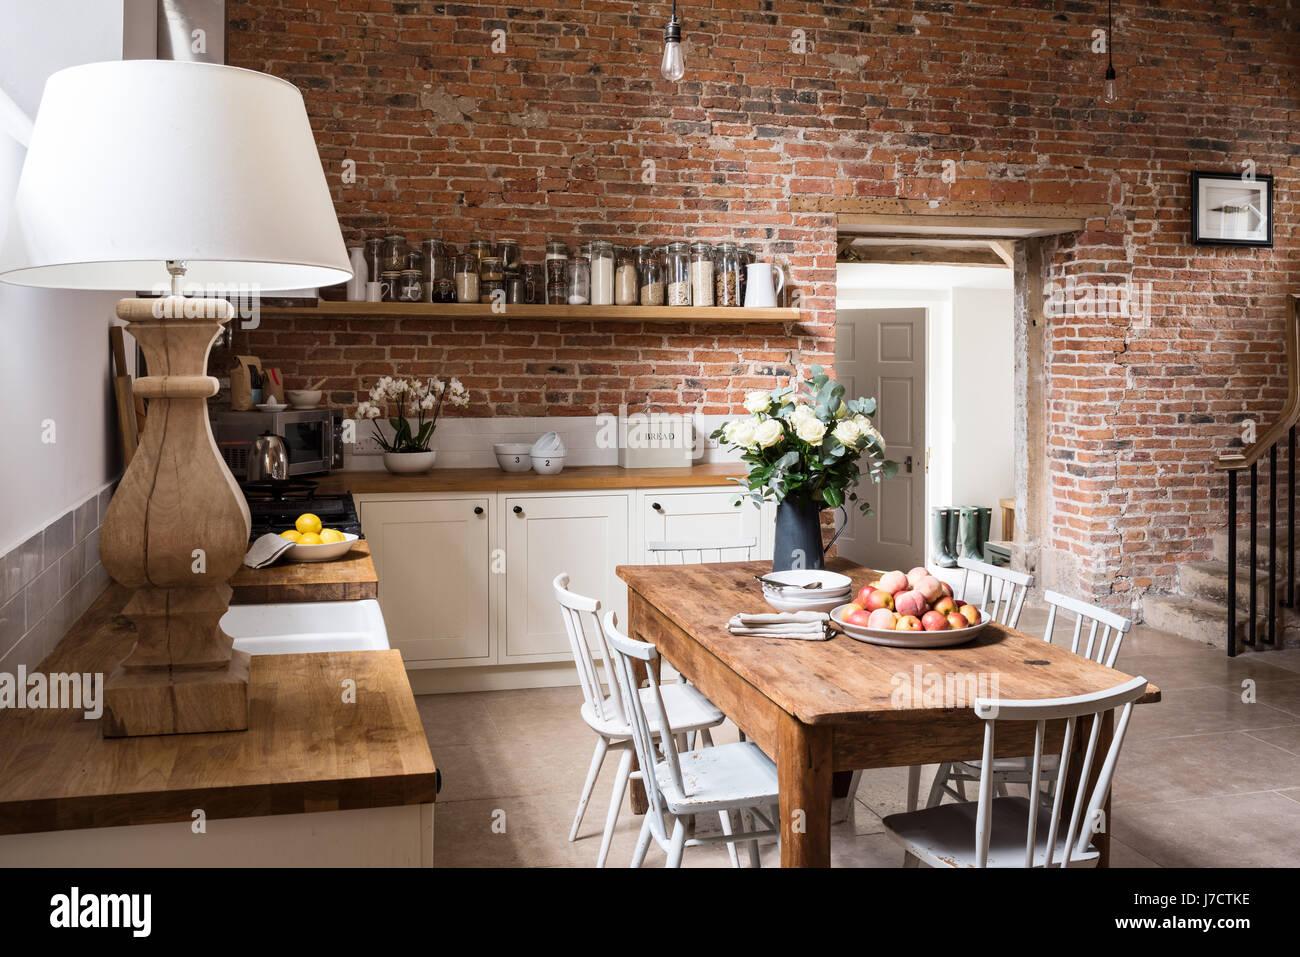 Mur en briques apparentes en sentiment contemporain cuisine avec ...